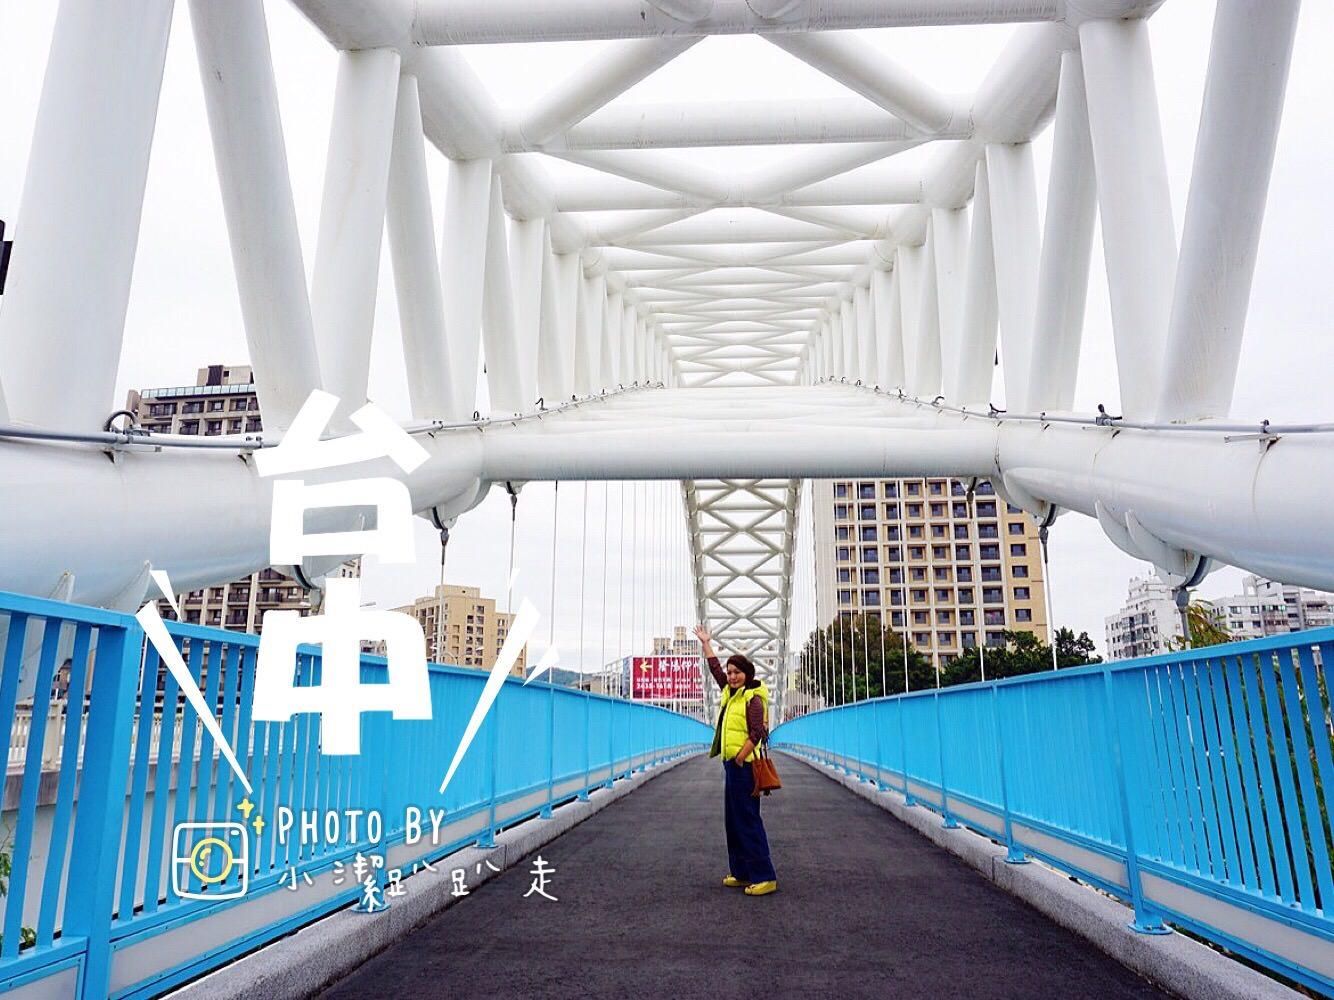 台中旅遊景點》好療癒的情人約會秘境!北屯海天橋,超好拍、超美麗IG打卡外拍景點,白天夜晚都美麗